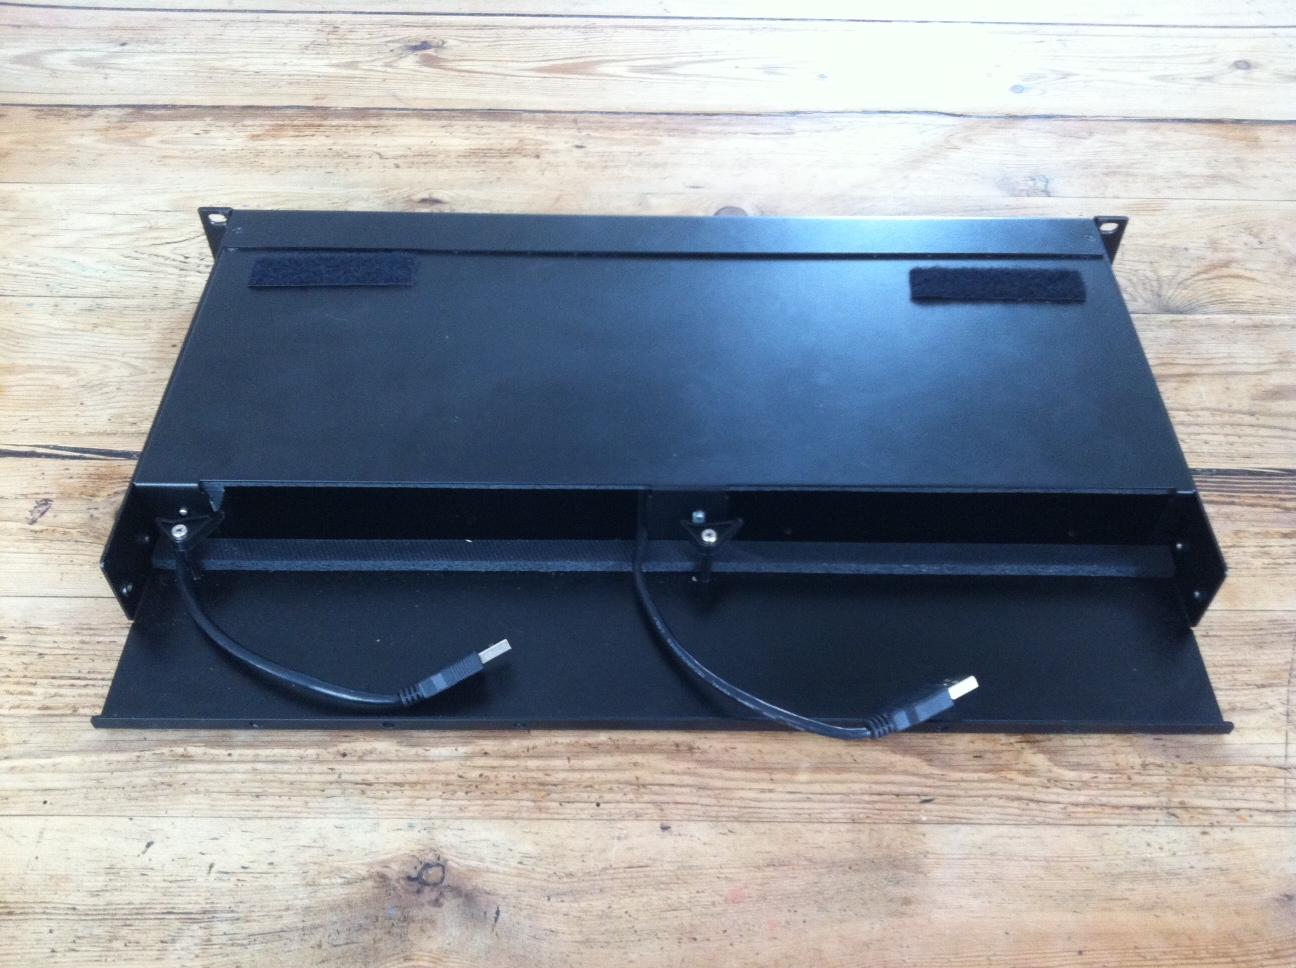 vends rack pour mac mini sonnet rackmac mini ile de france audiofanzine. Black Bedroom Furniture Sets. Home Design Ideas